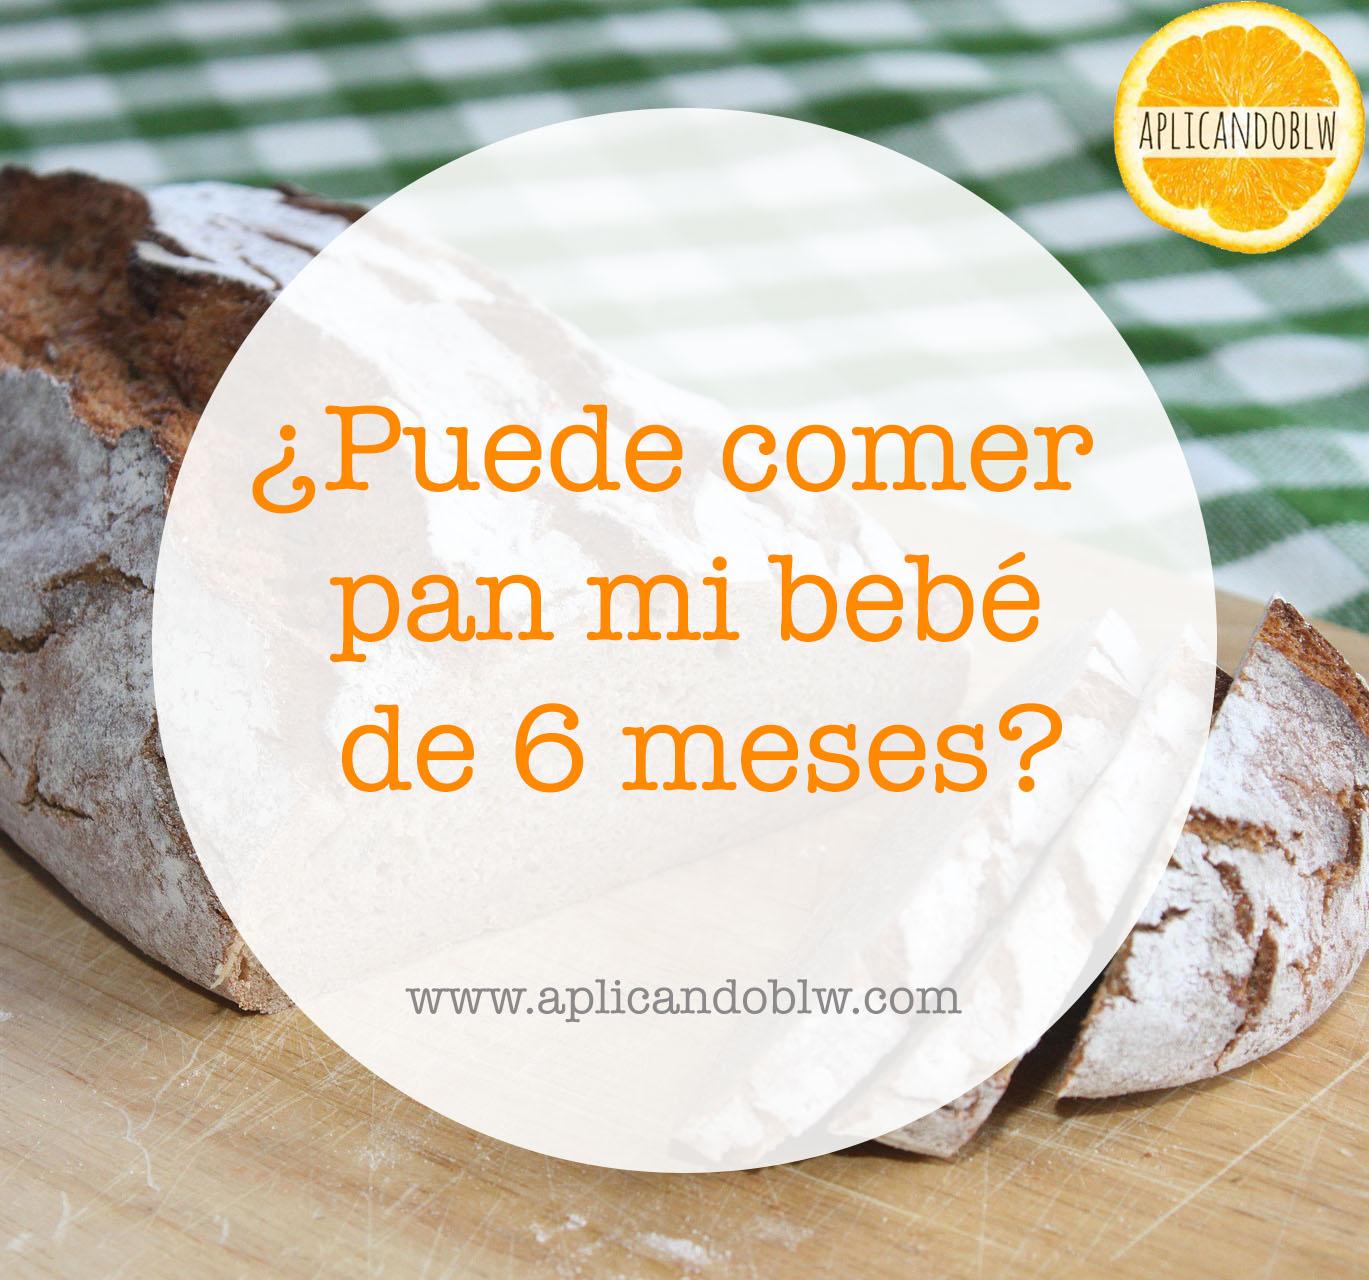 ¿Puedo darle pan a mi bebé de 6 meses?